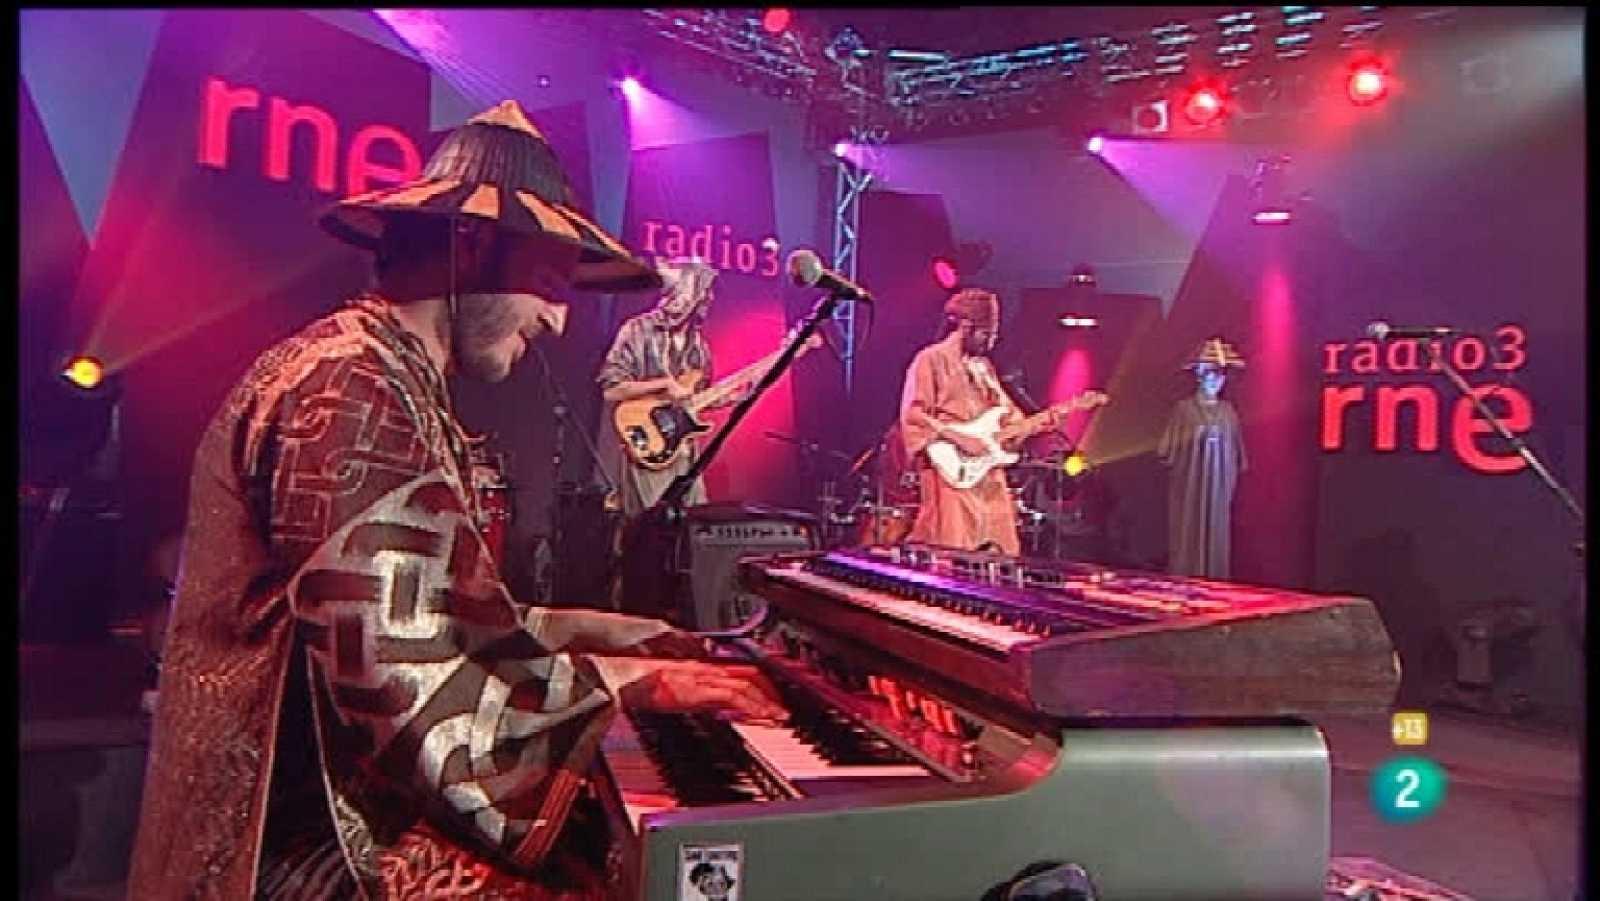 Los conciertos de Radio 3 - Pyramid blue - Ver ahora